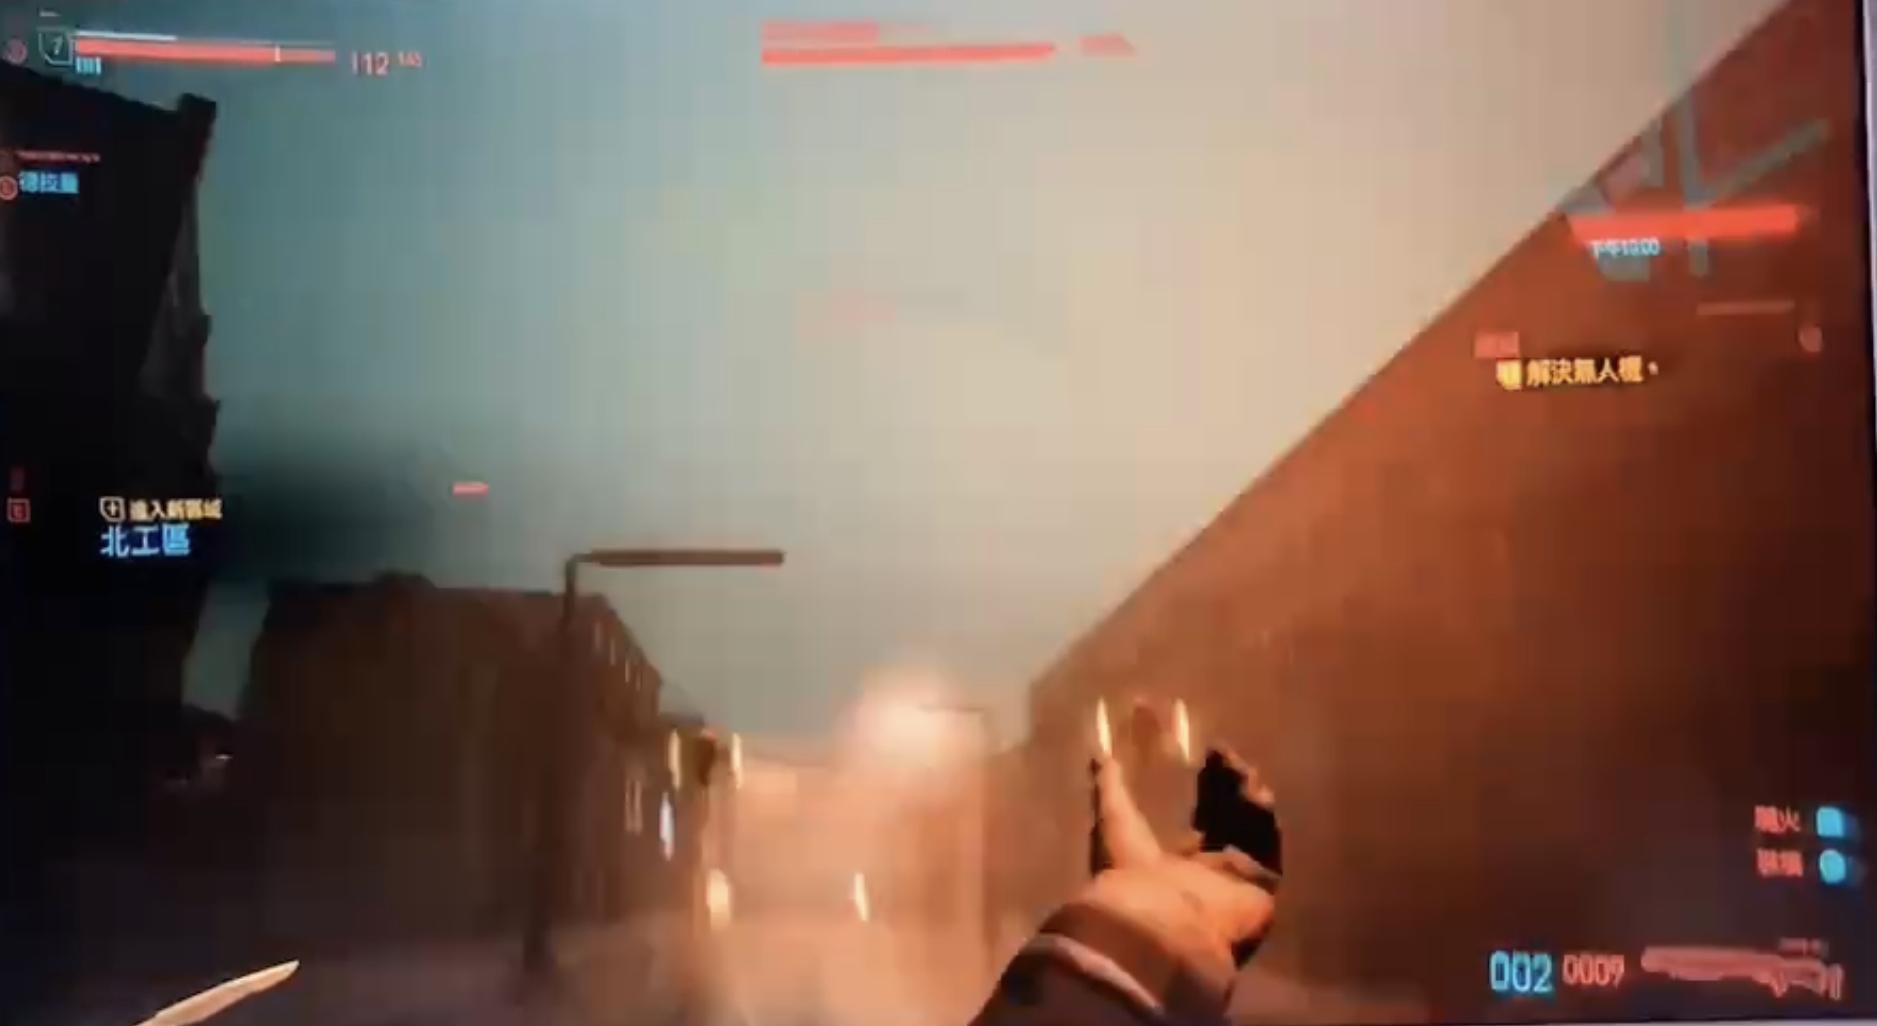 在PS4上玩赛博朋克2077体验到底有多糟糕?-茶几部落